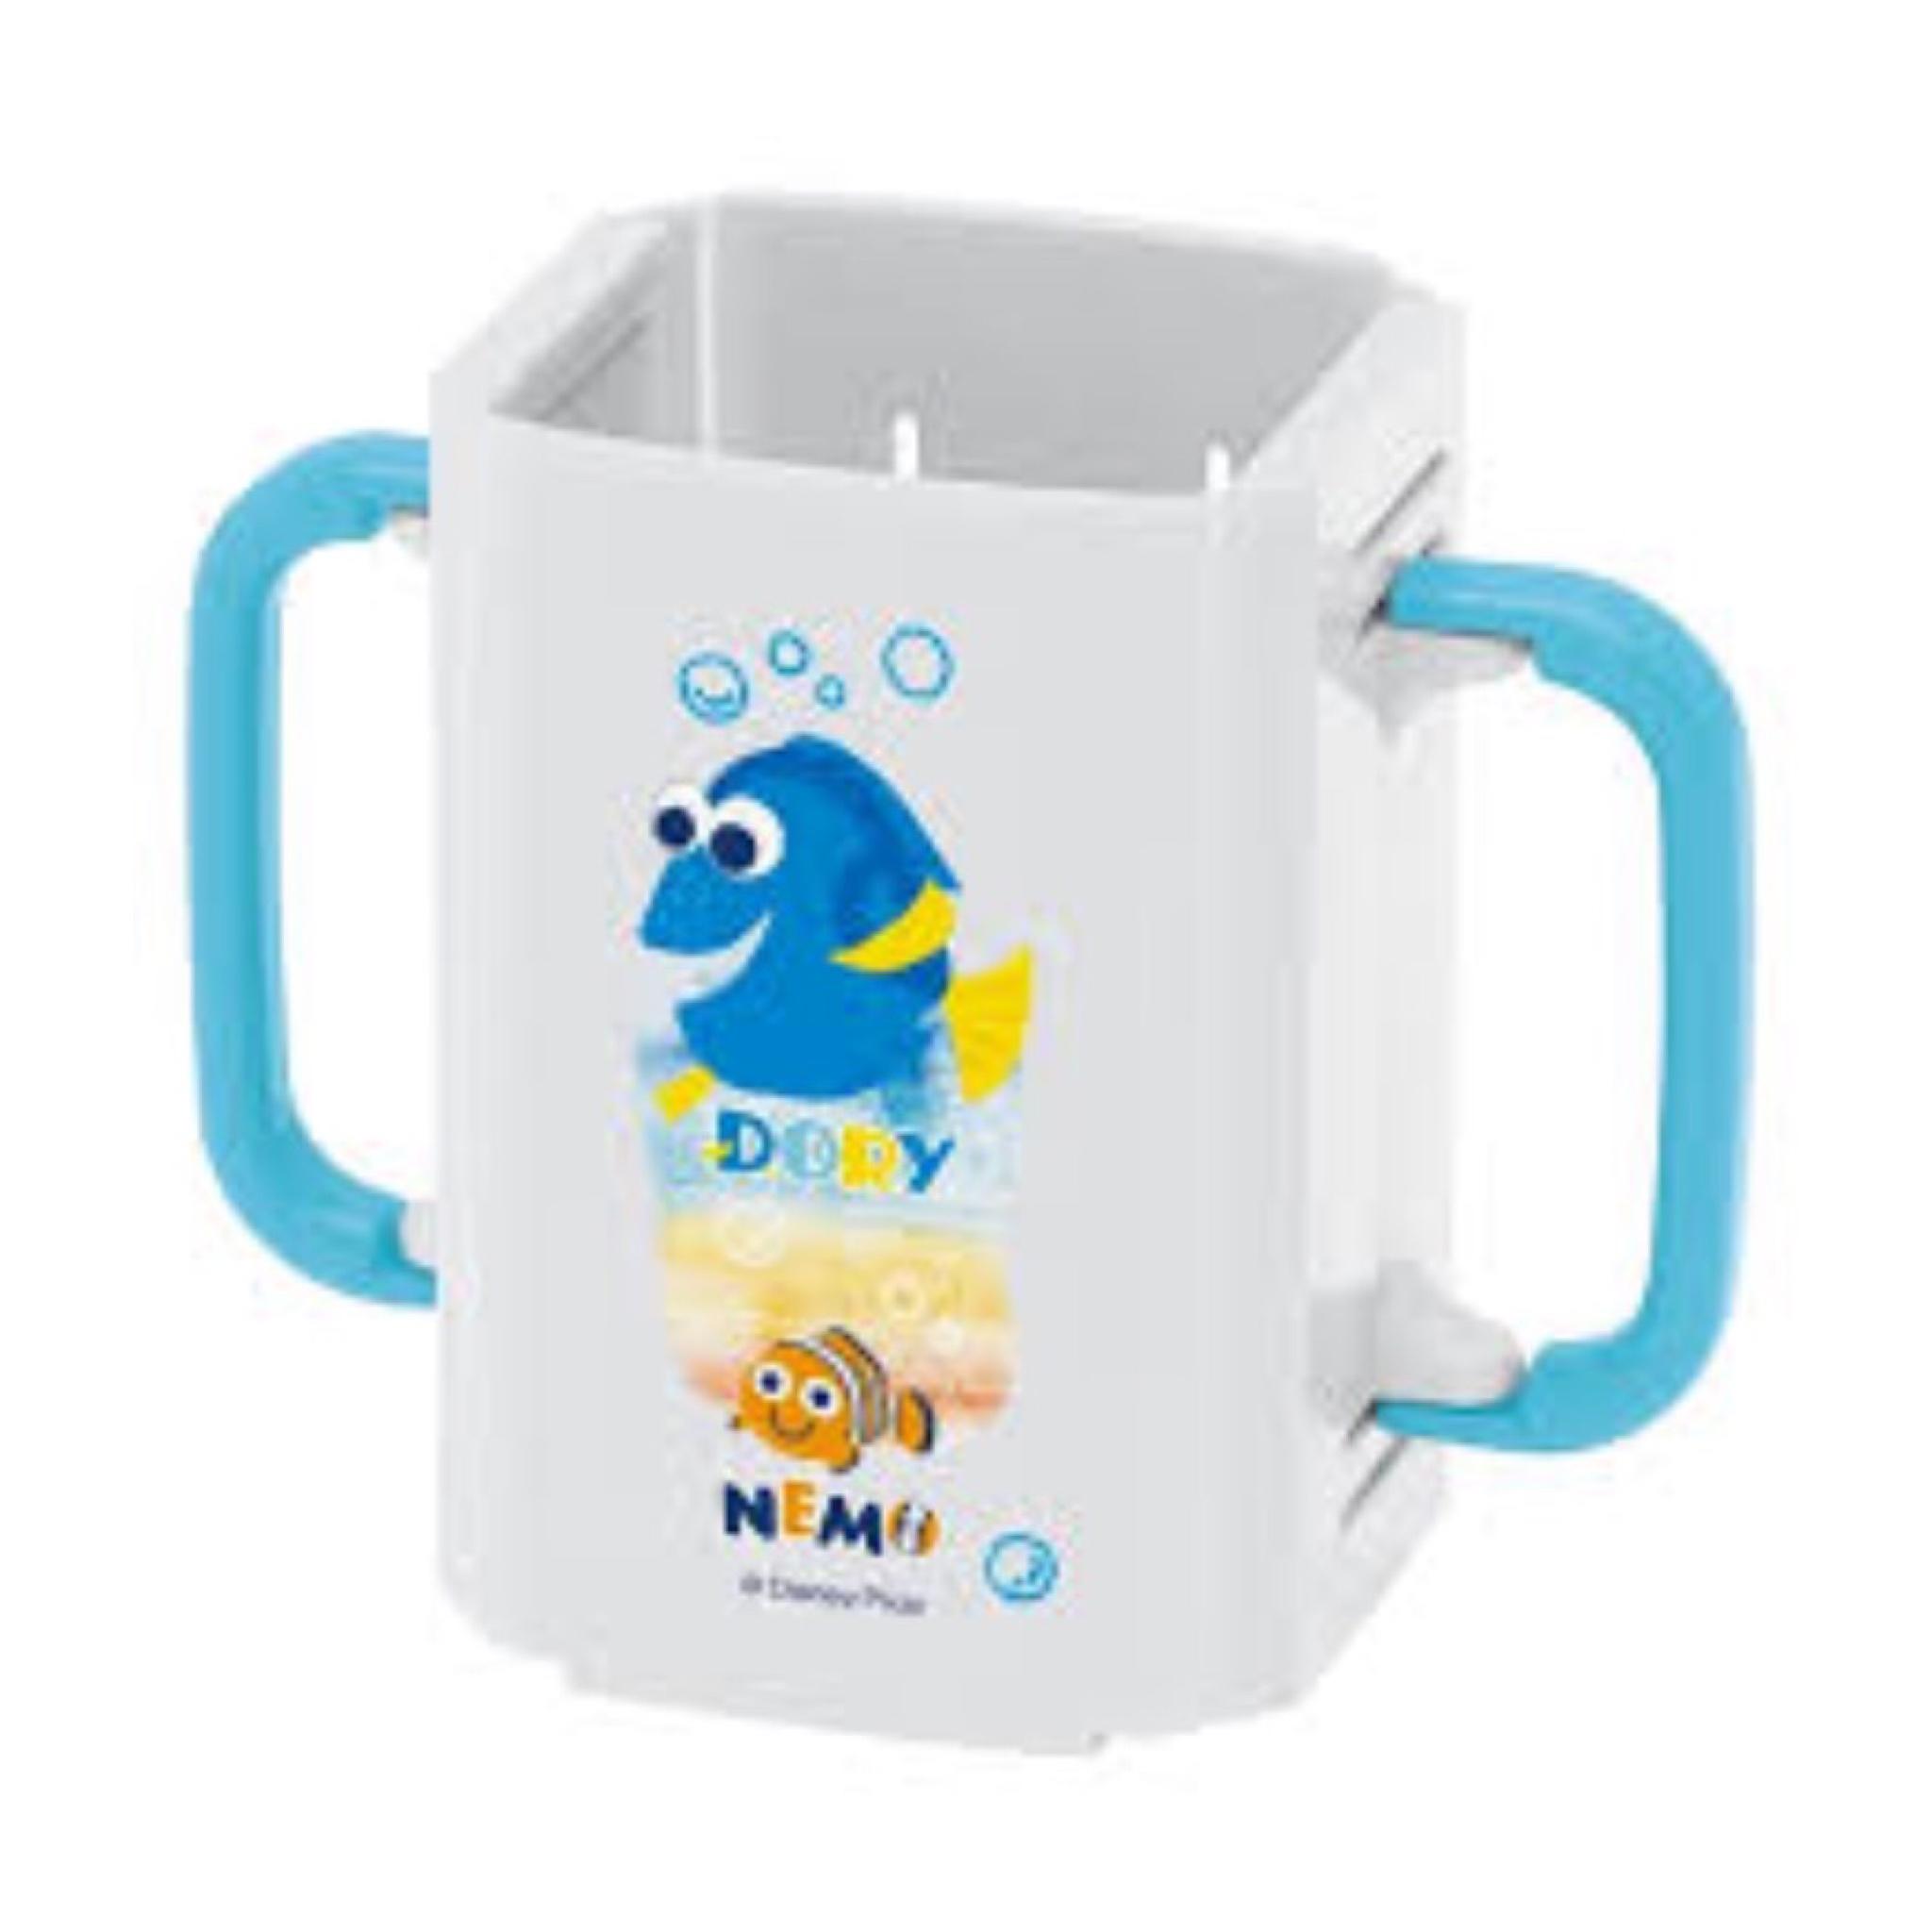 กล่องป้องกันการบีบกล่องเครื่องดื่ม Combi / Skater Baby Drink Holder (Finding Dory)